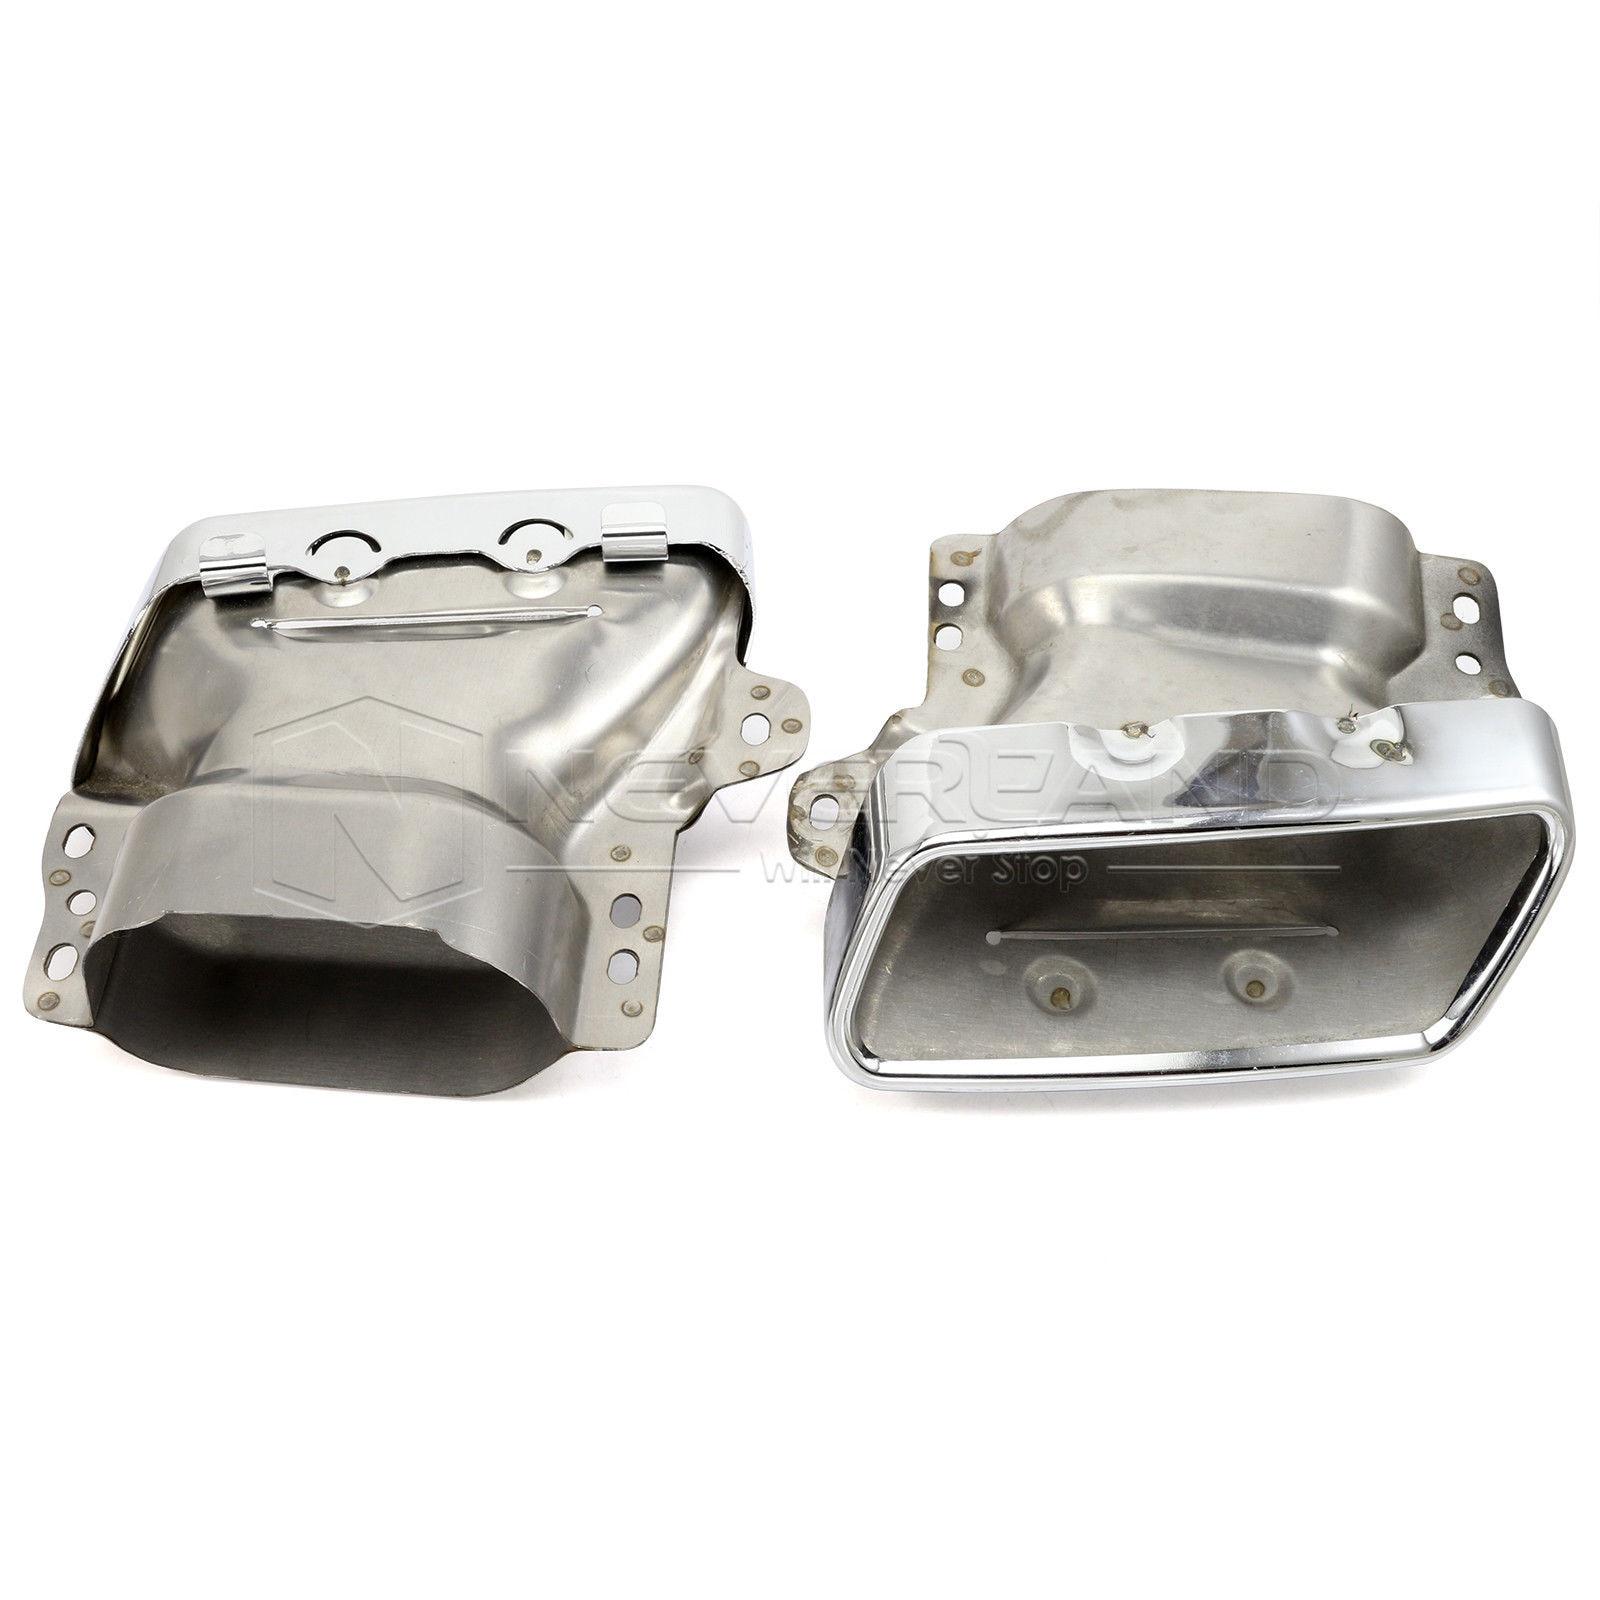 Embouts de silencieux de queue de tuyaux d'échappement de voiture automatique d'acier inoxydable de 2 pièces/ensemble pour Mercedes Benz W221 2005-2012 D10